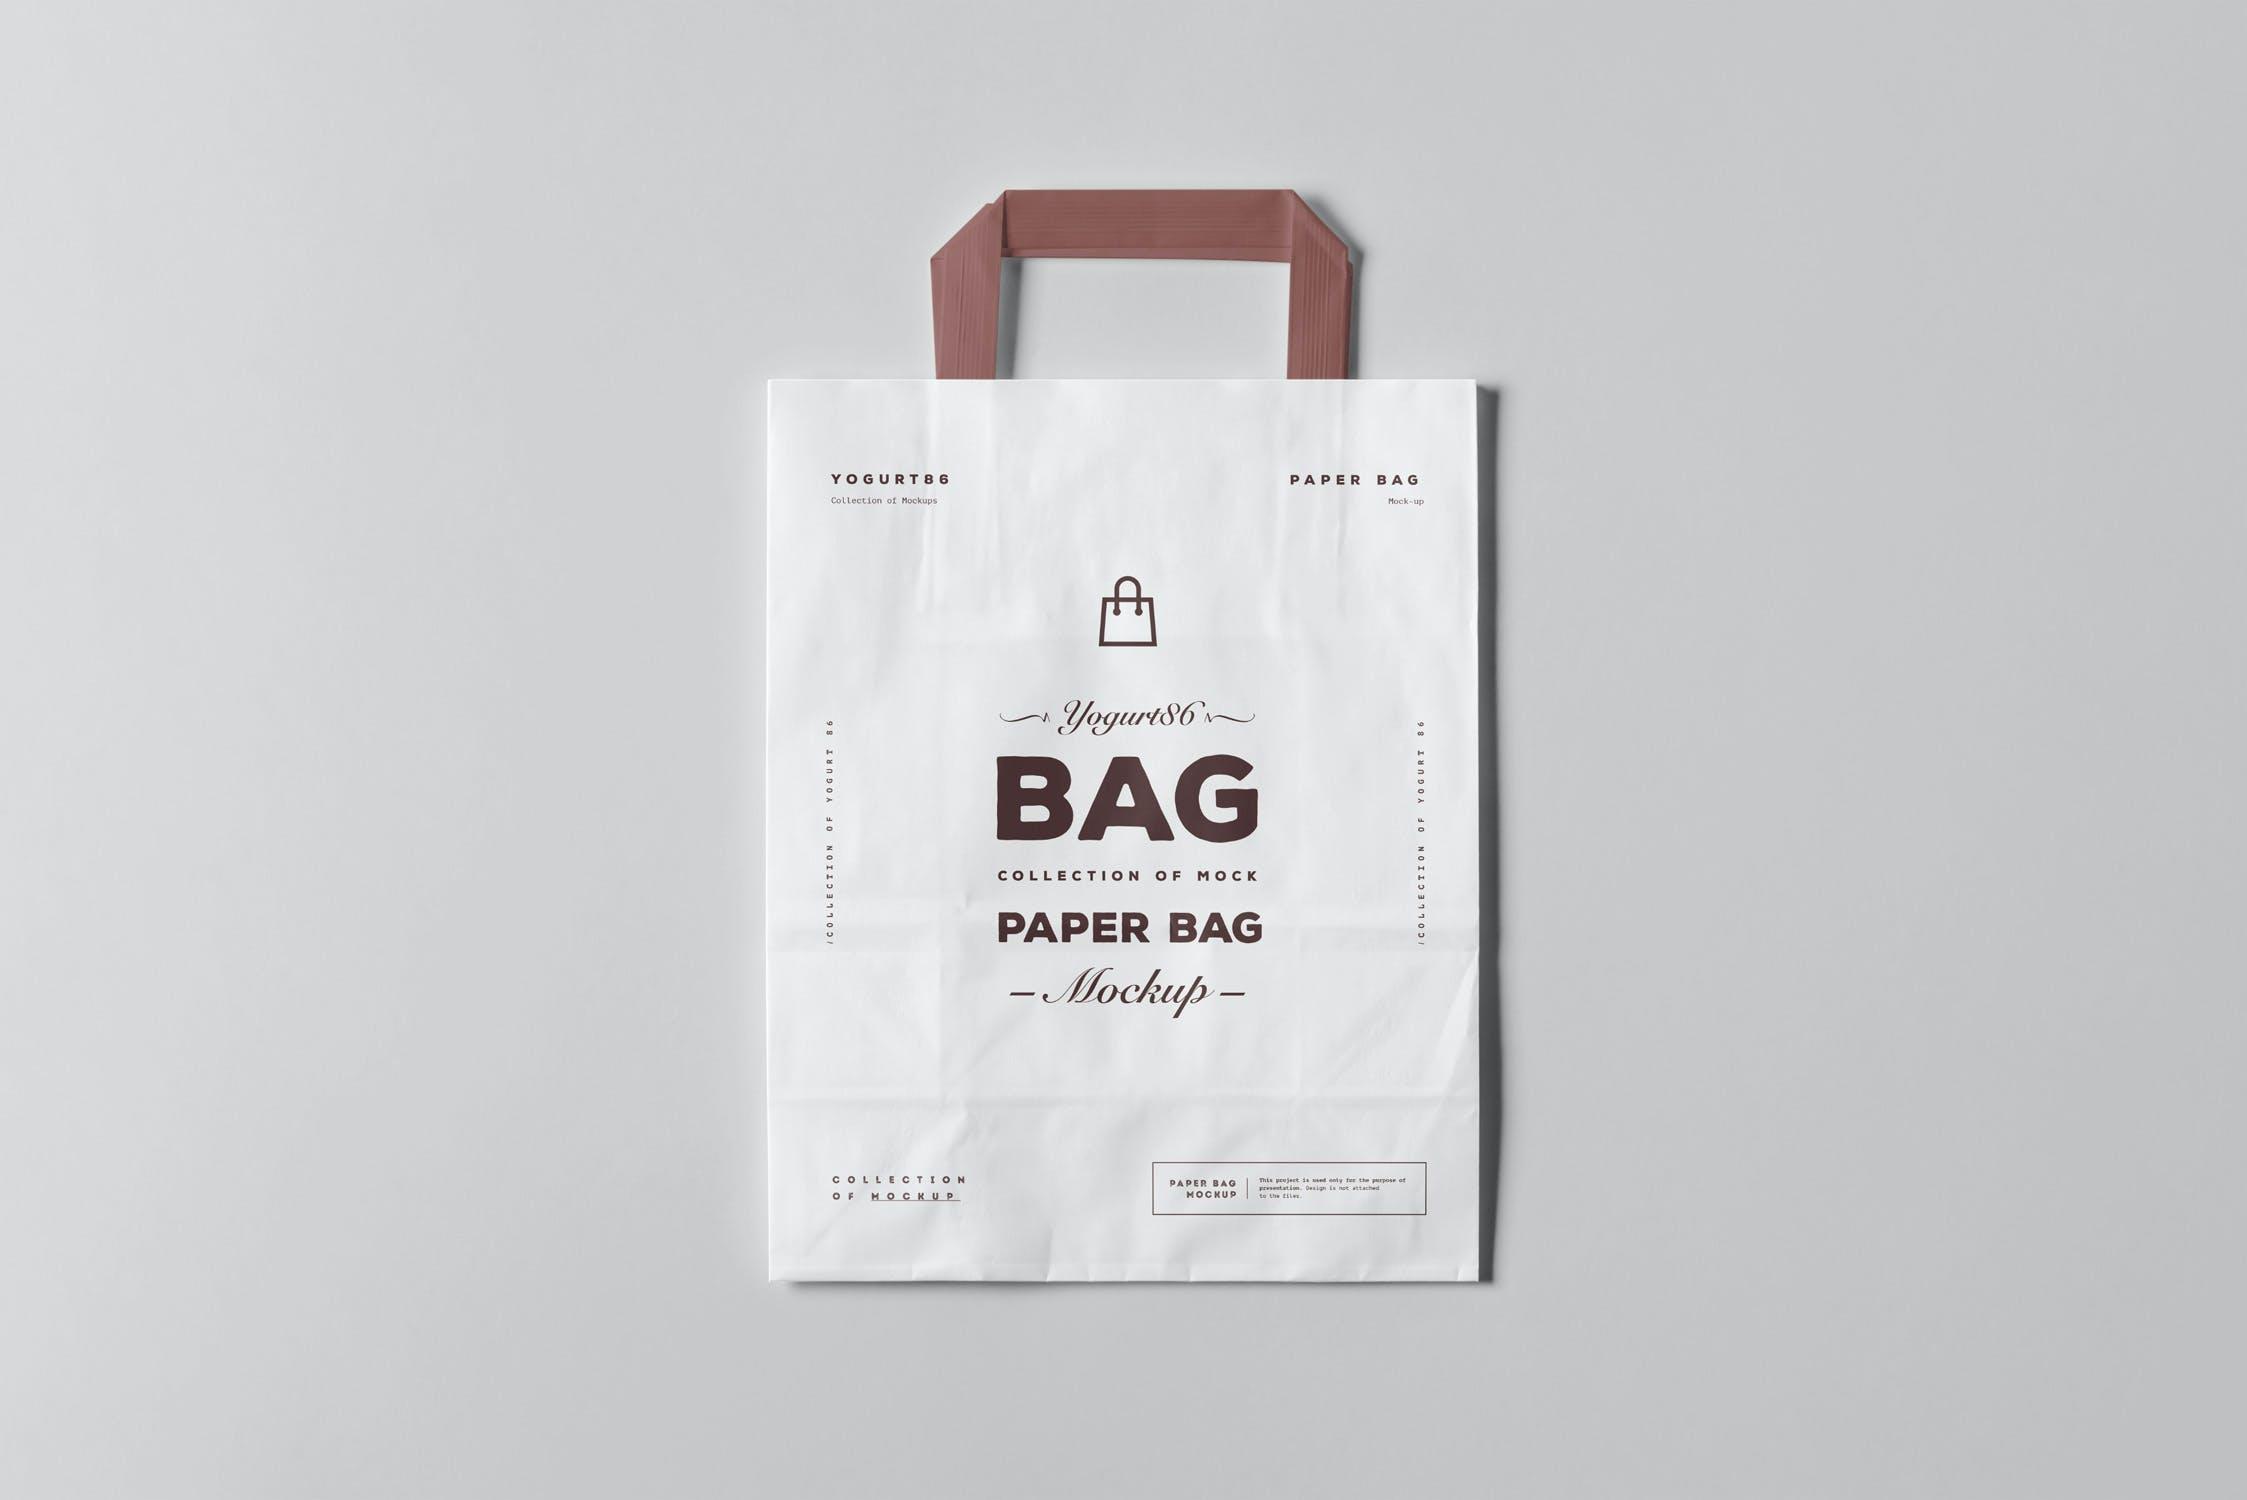 11款商城购物手提纸袋设计展示样机 Paper Bag Mockup 3插图(11)